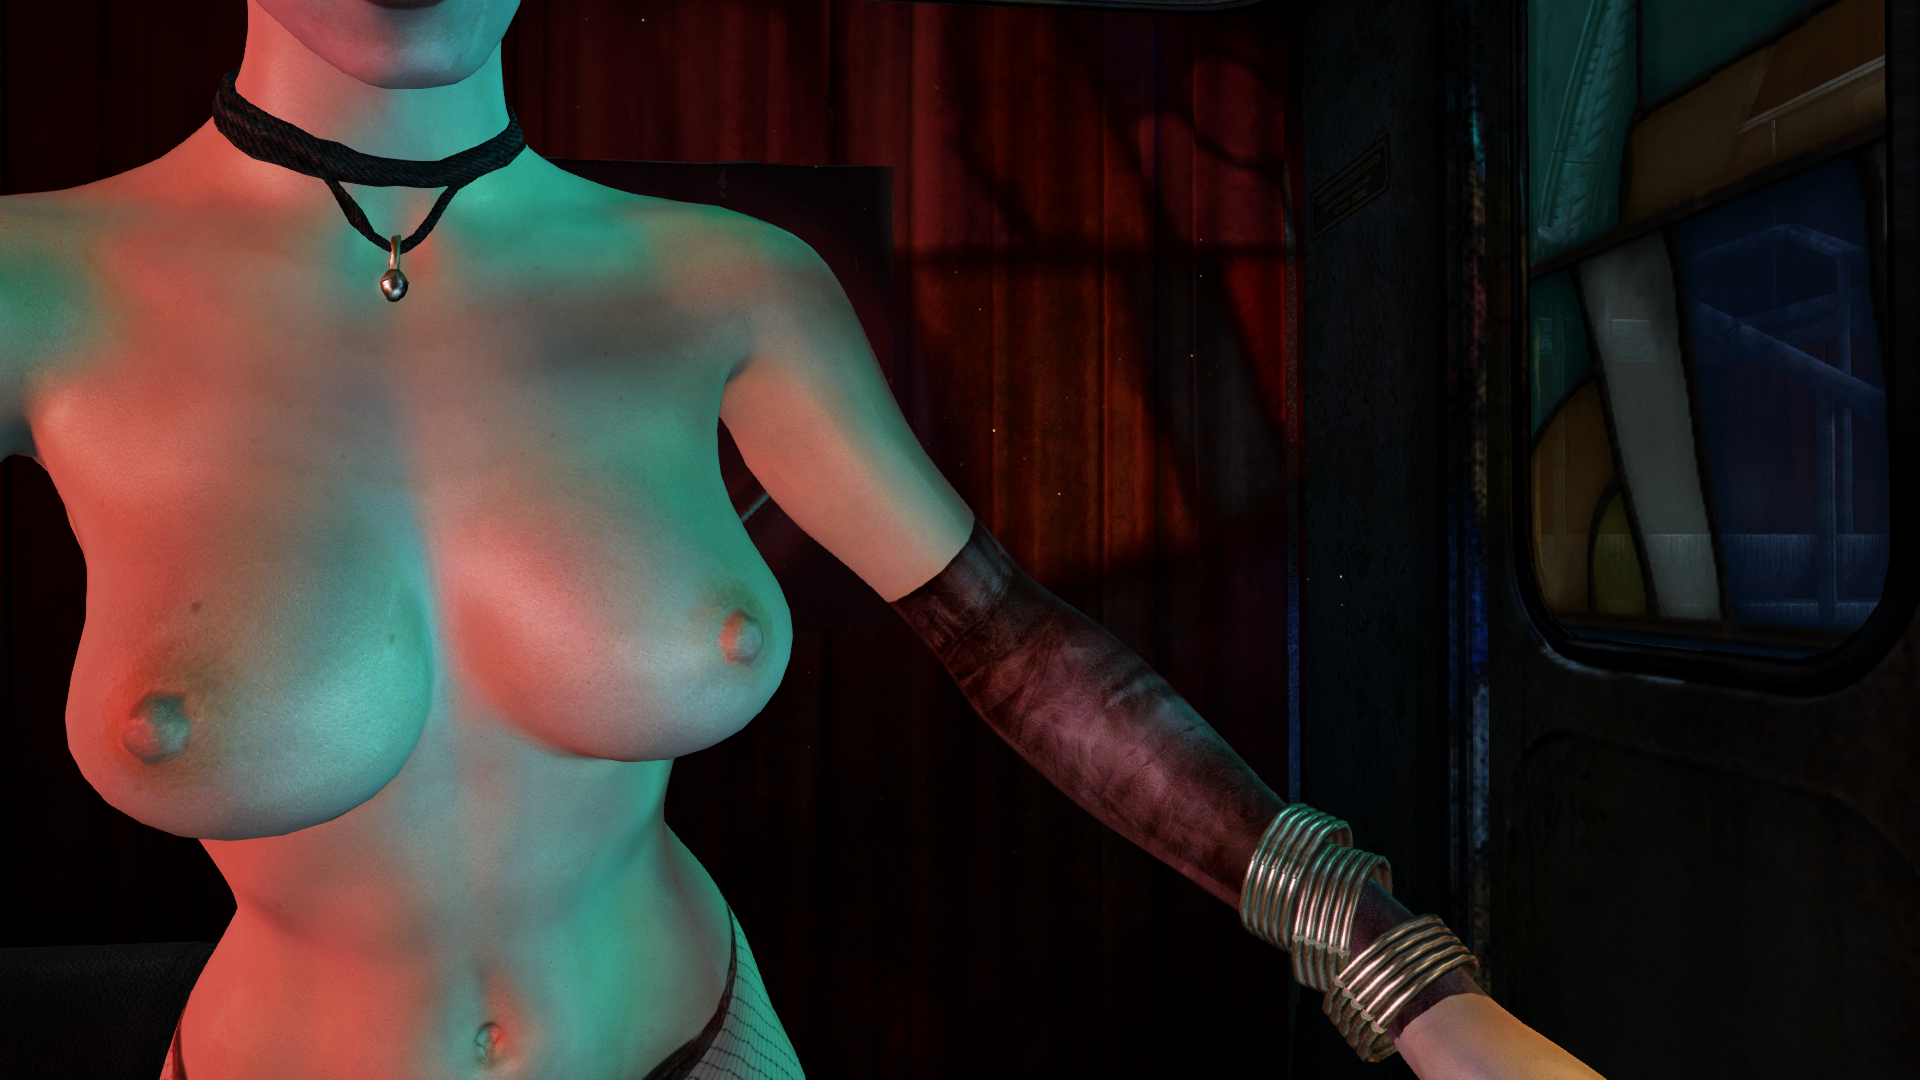 Как Попасть Проститутка Метро 2033